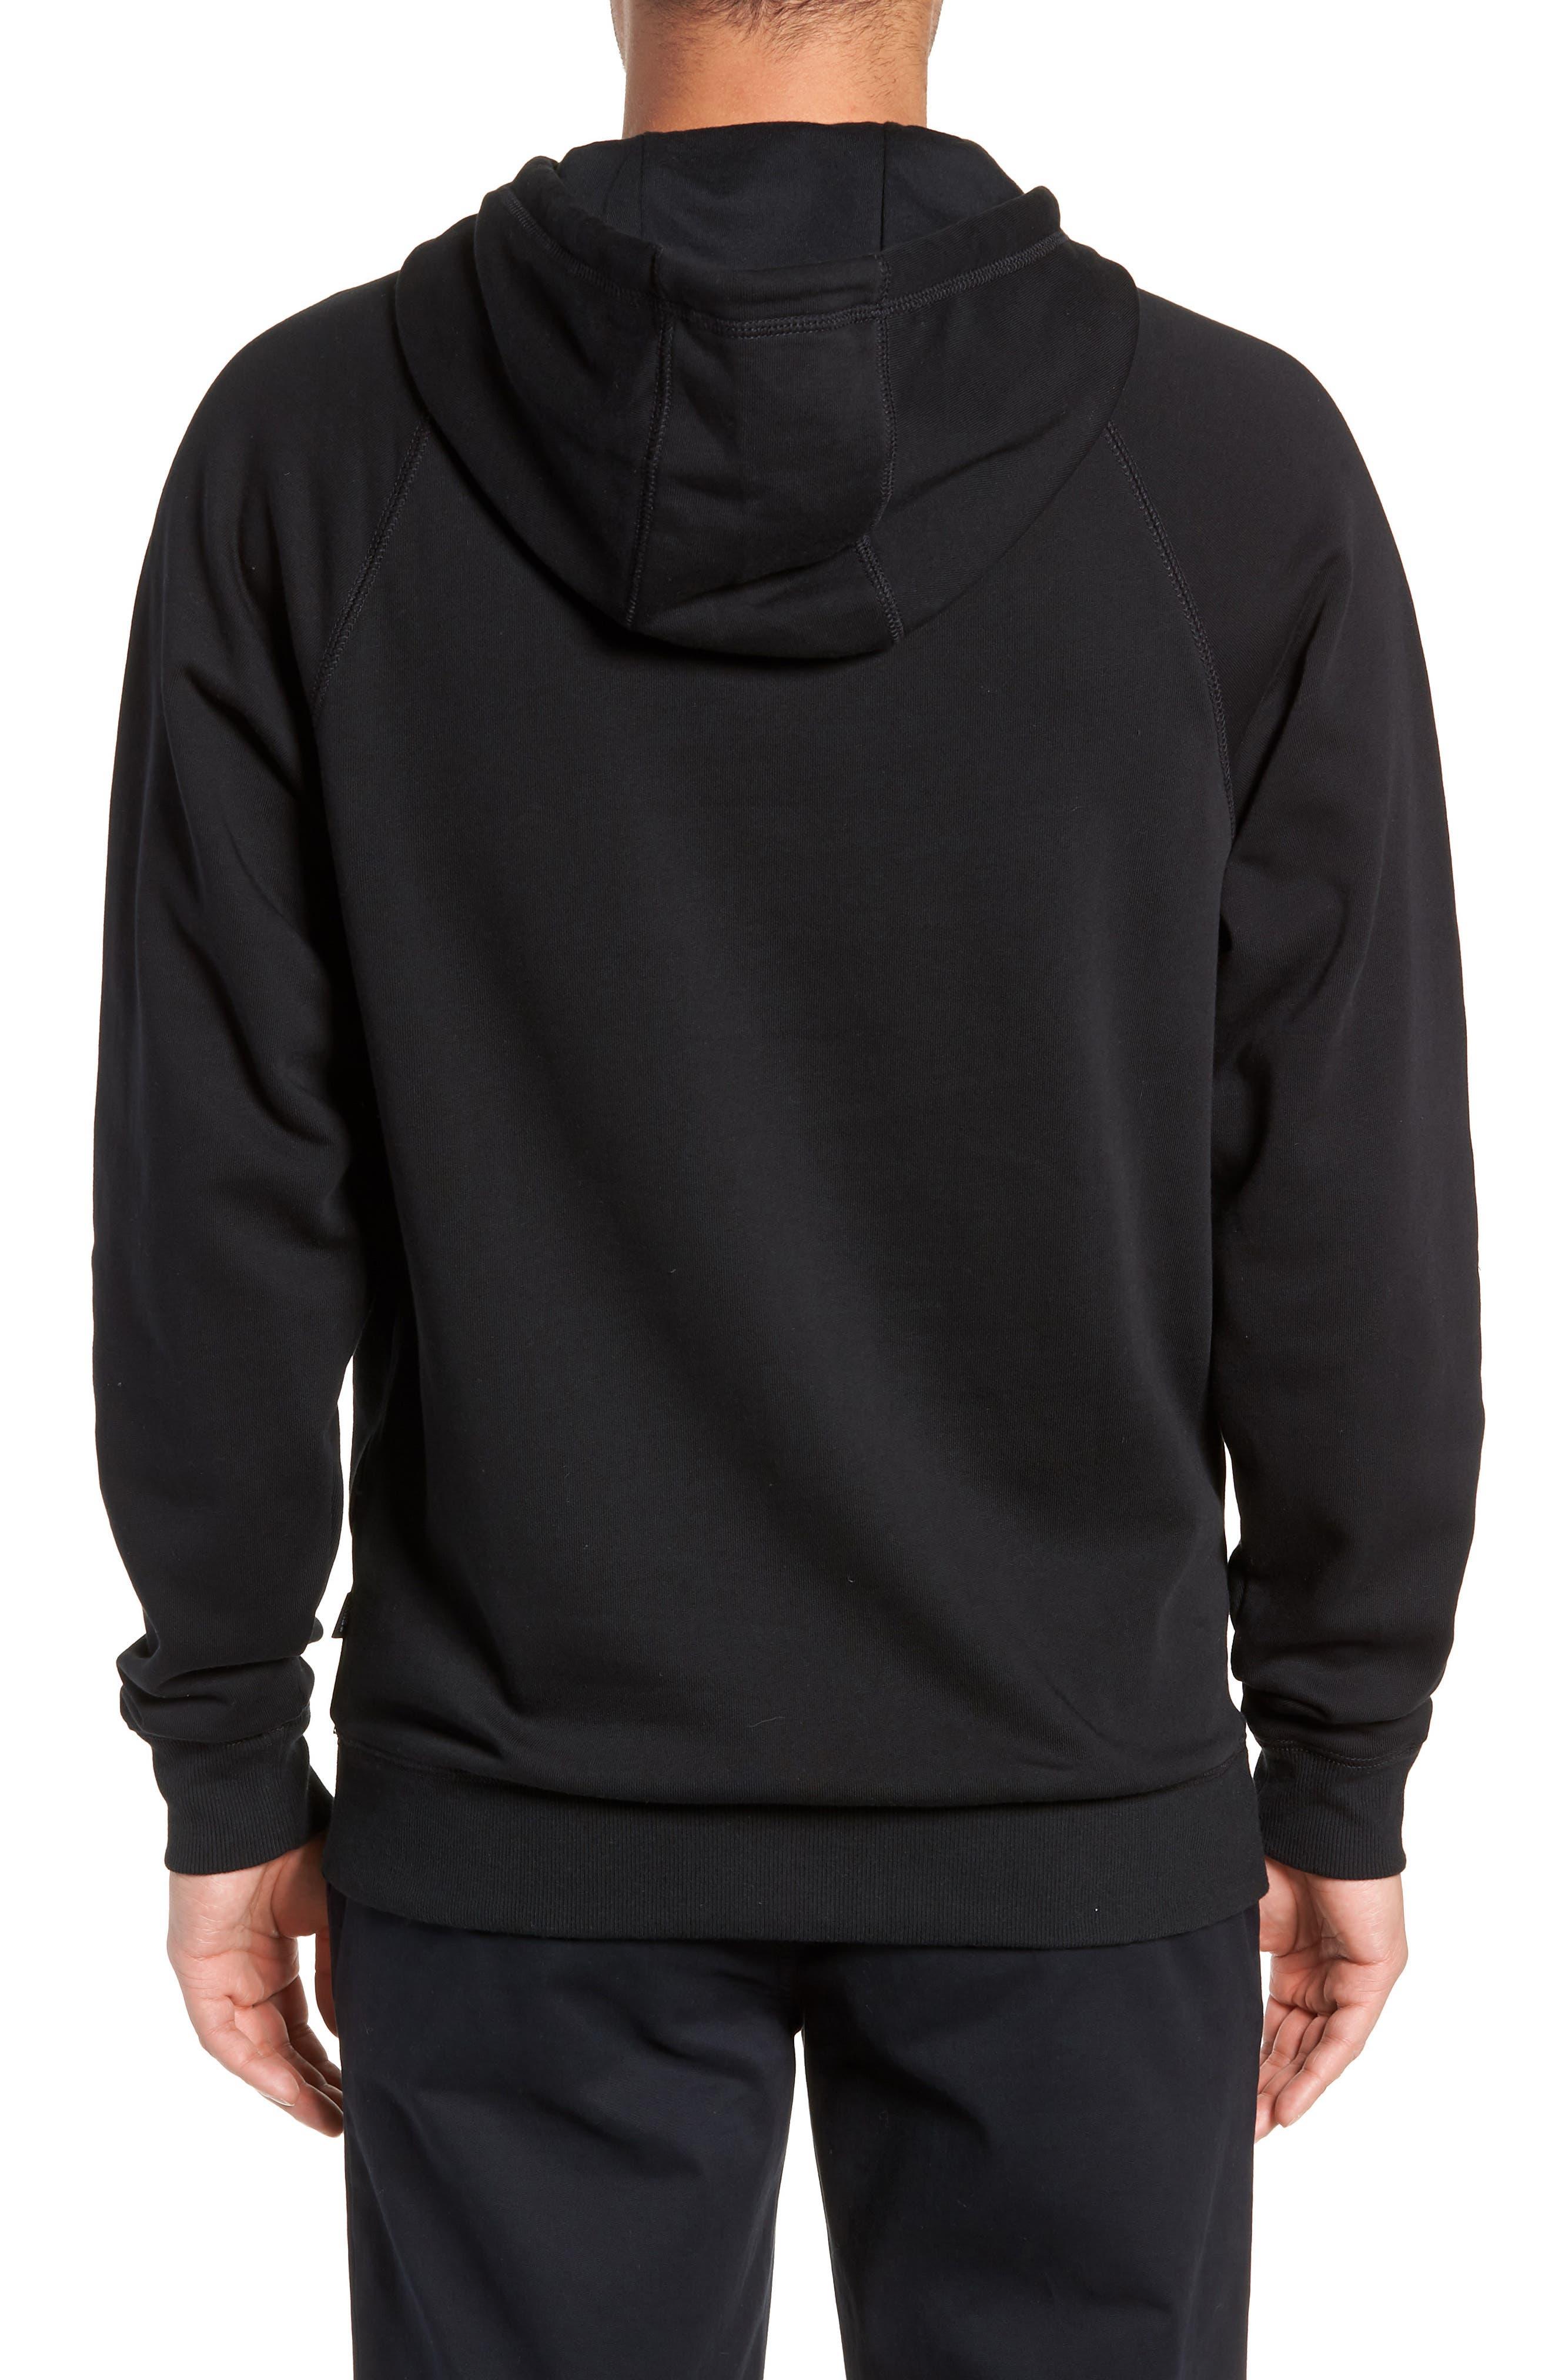 Versa Hoodie Sweatshirt,                             Alternate thumbnail 2, color,                             BLACK